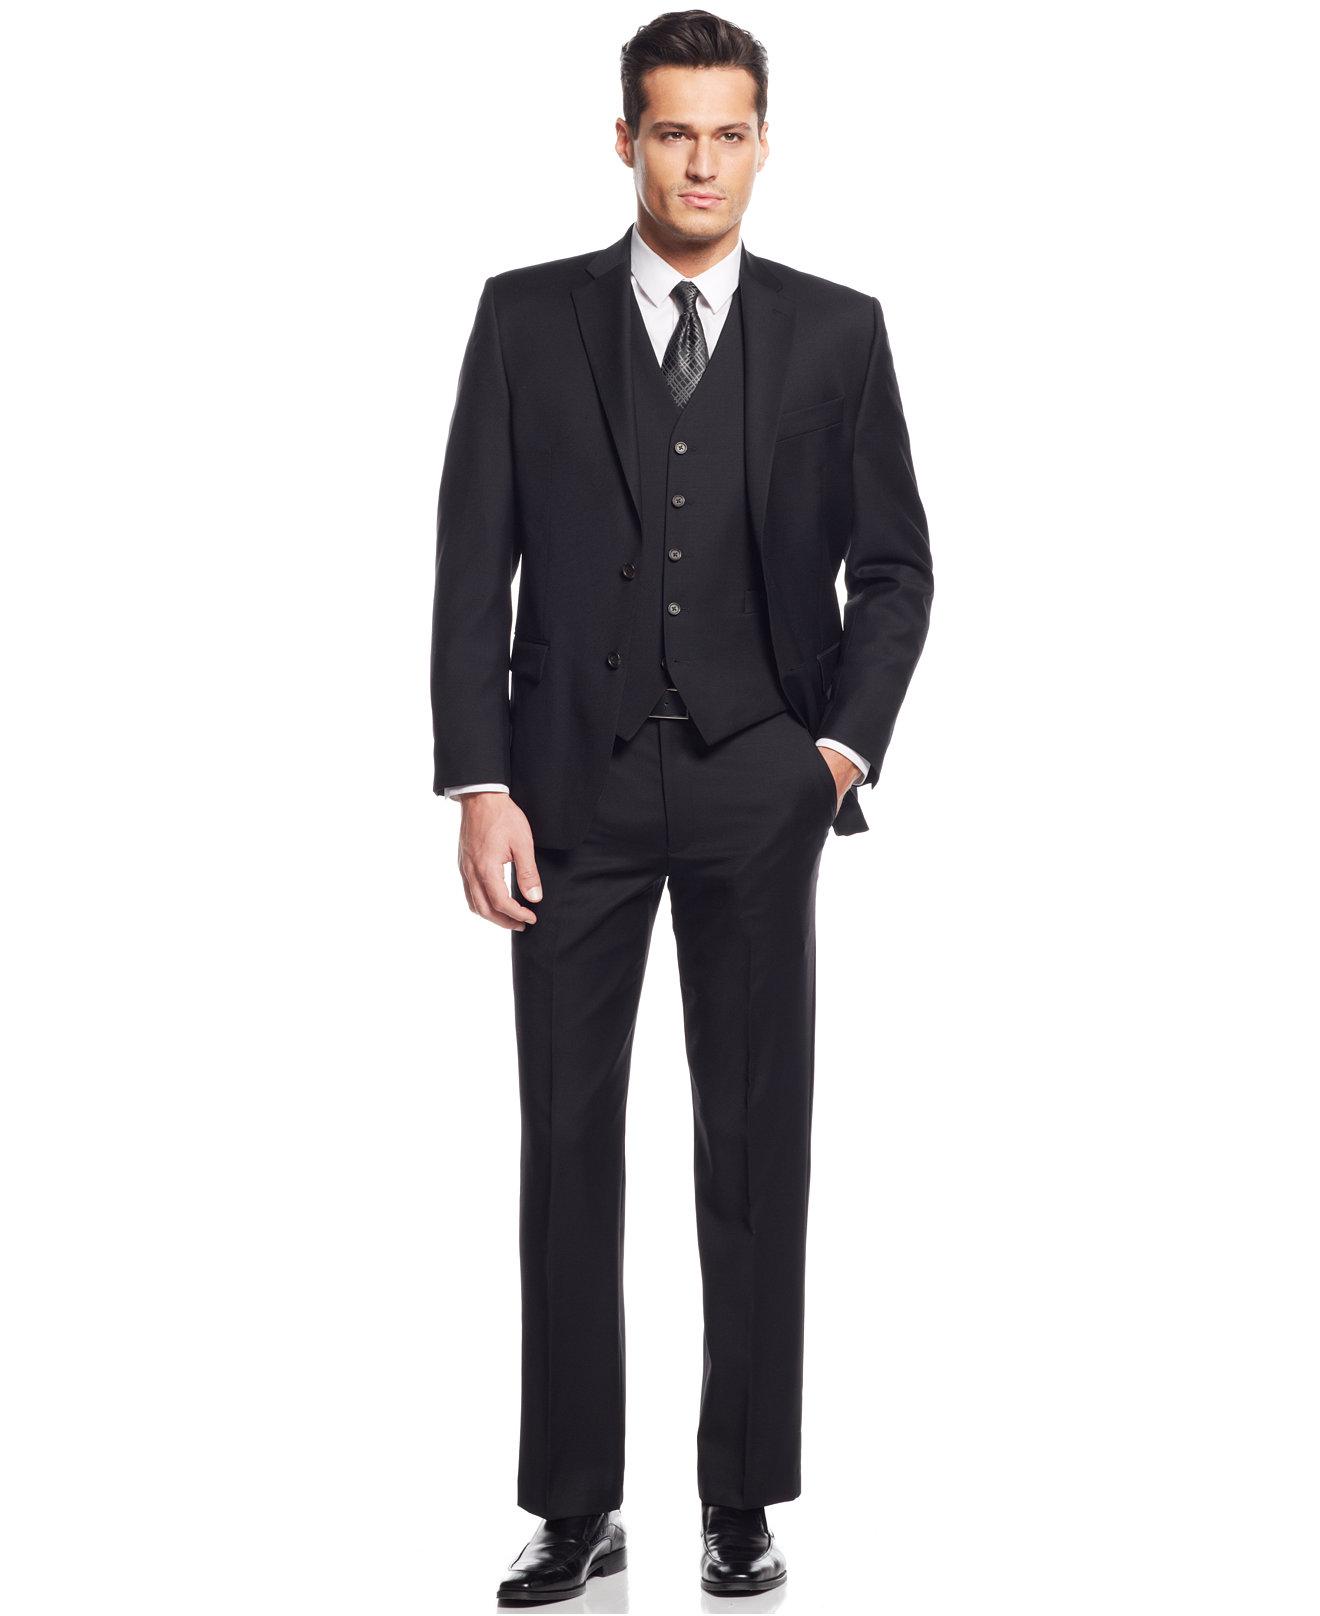 Men S Suits: Hardon Clothes